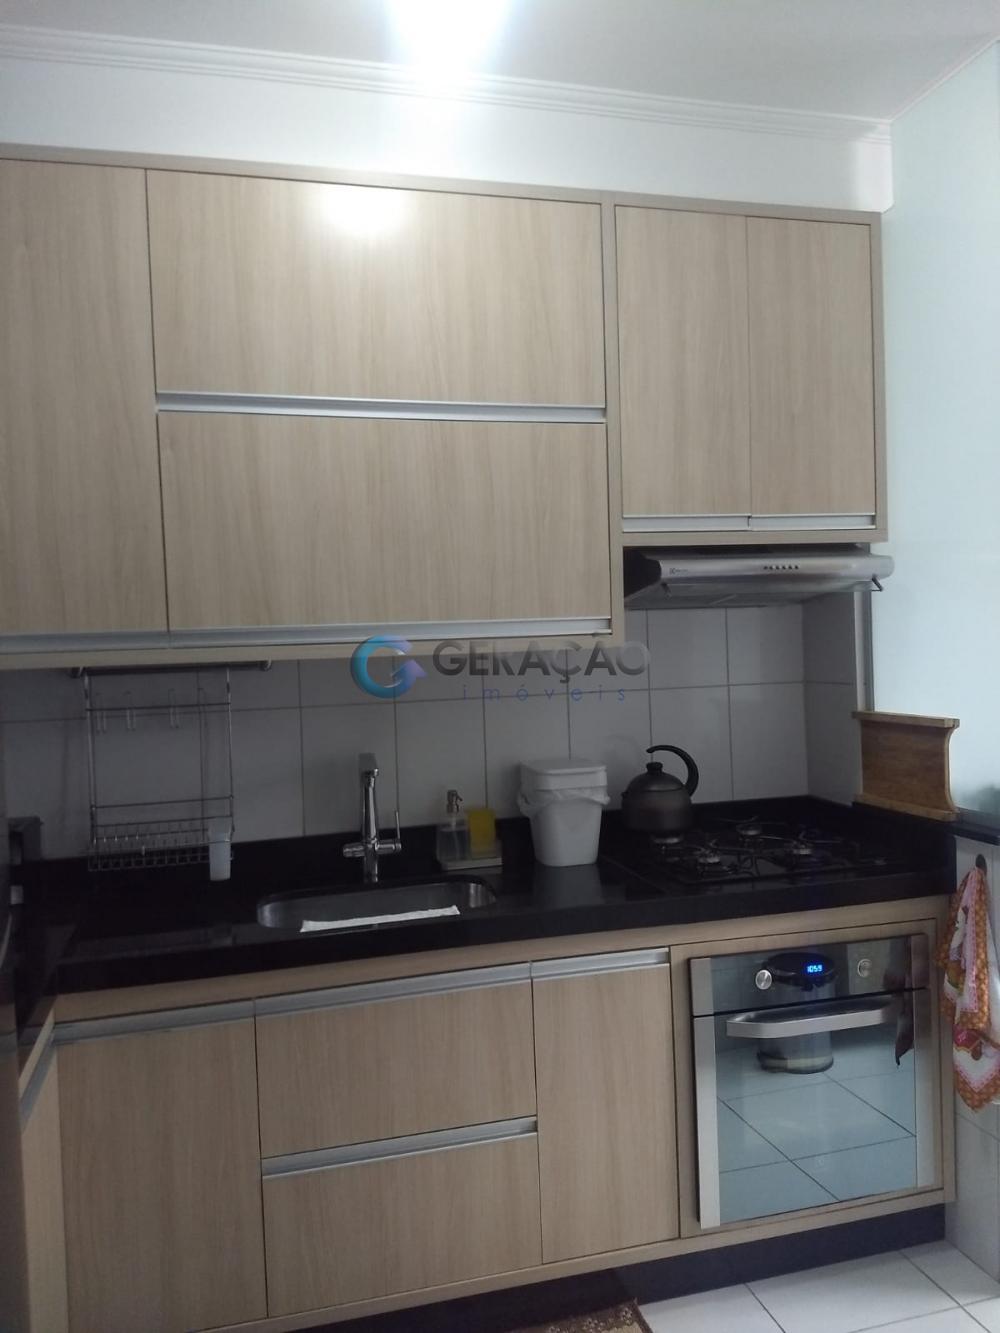 Comprar Apartamento / Padrão em São José dos Campos R$ 290.000,00 - Foto 7